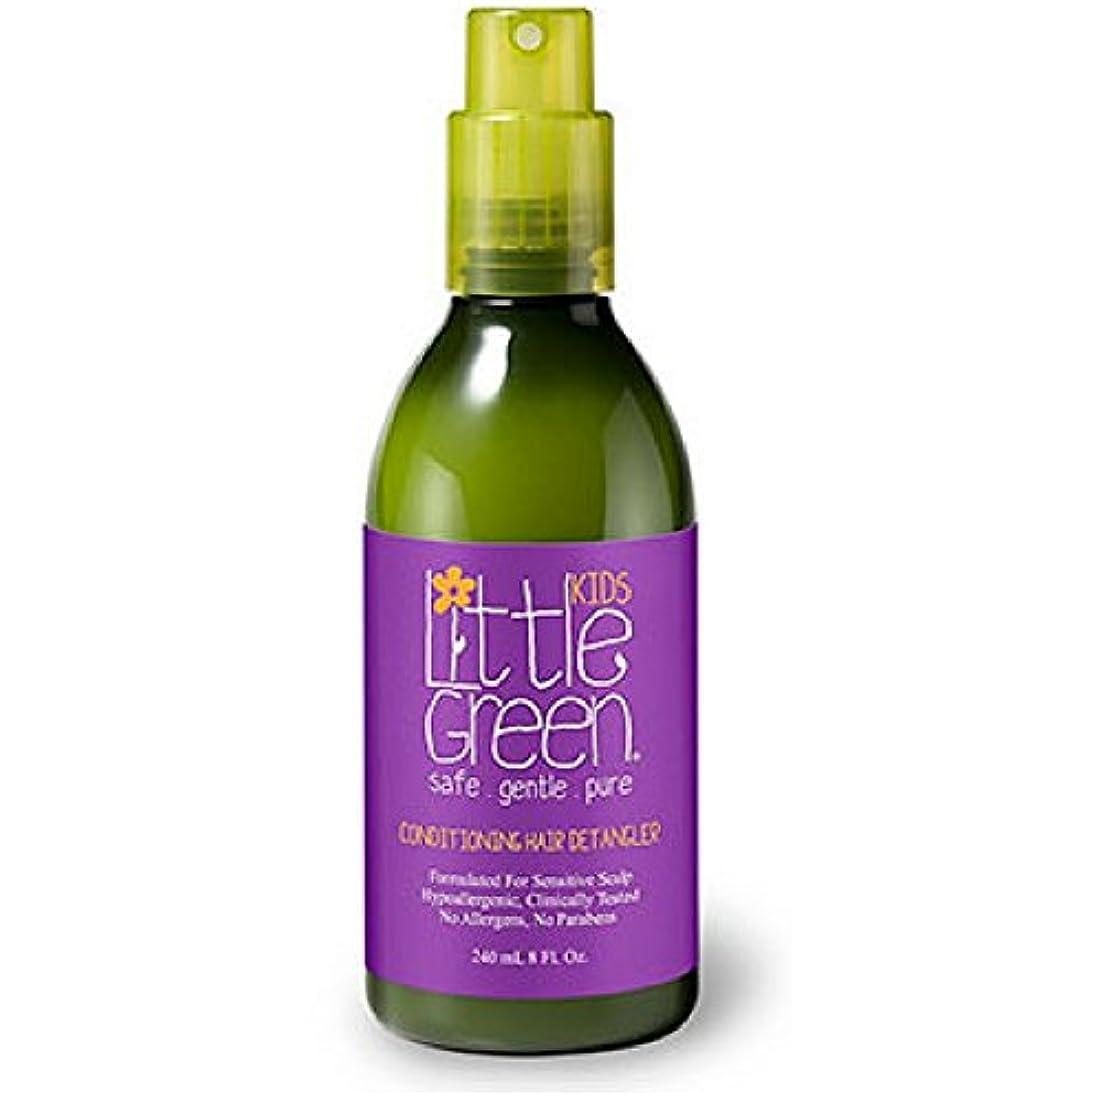 バルブ約太平洋諸島Little Green キッズコンディショニングDetangler - 子供Detanglerスプレー - 安全かつ非毒性 - 低刺激性 - - パラベンやグルテンフリー - ウェットまたはドライの髪に使用し臨床的に子供...